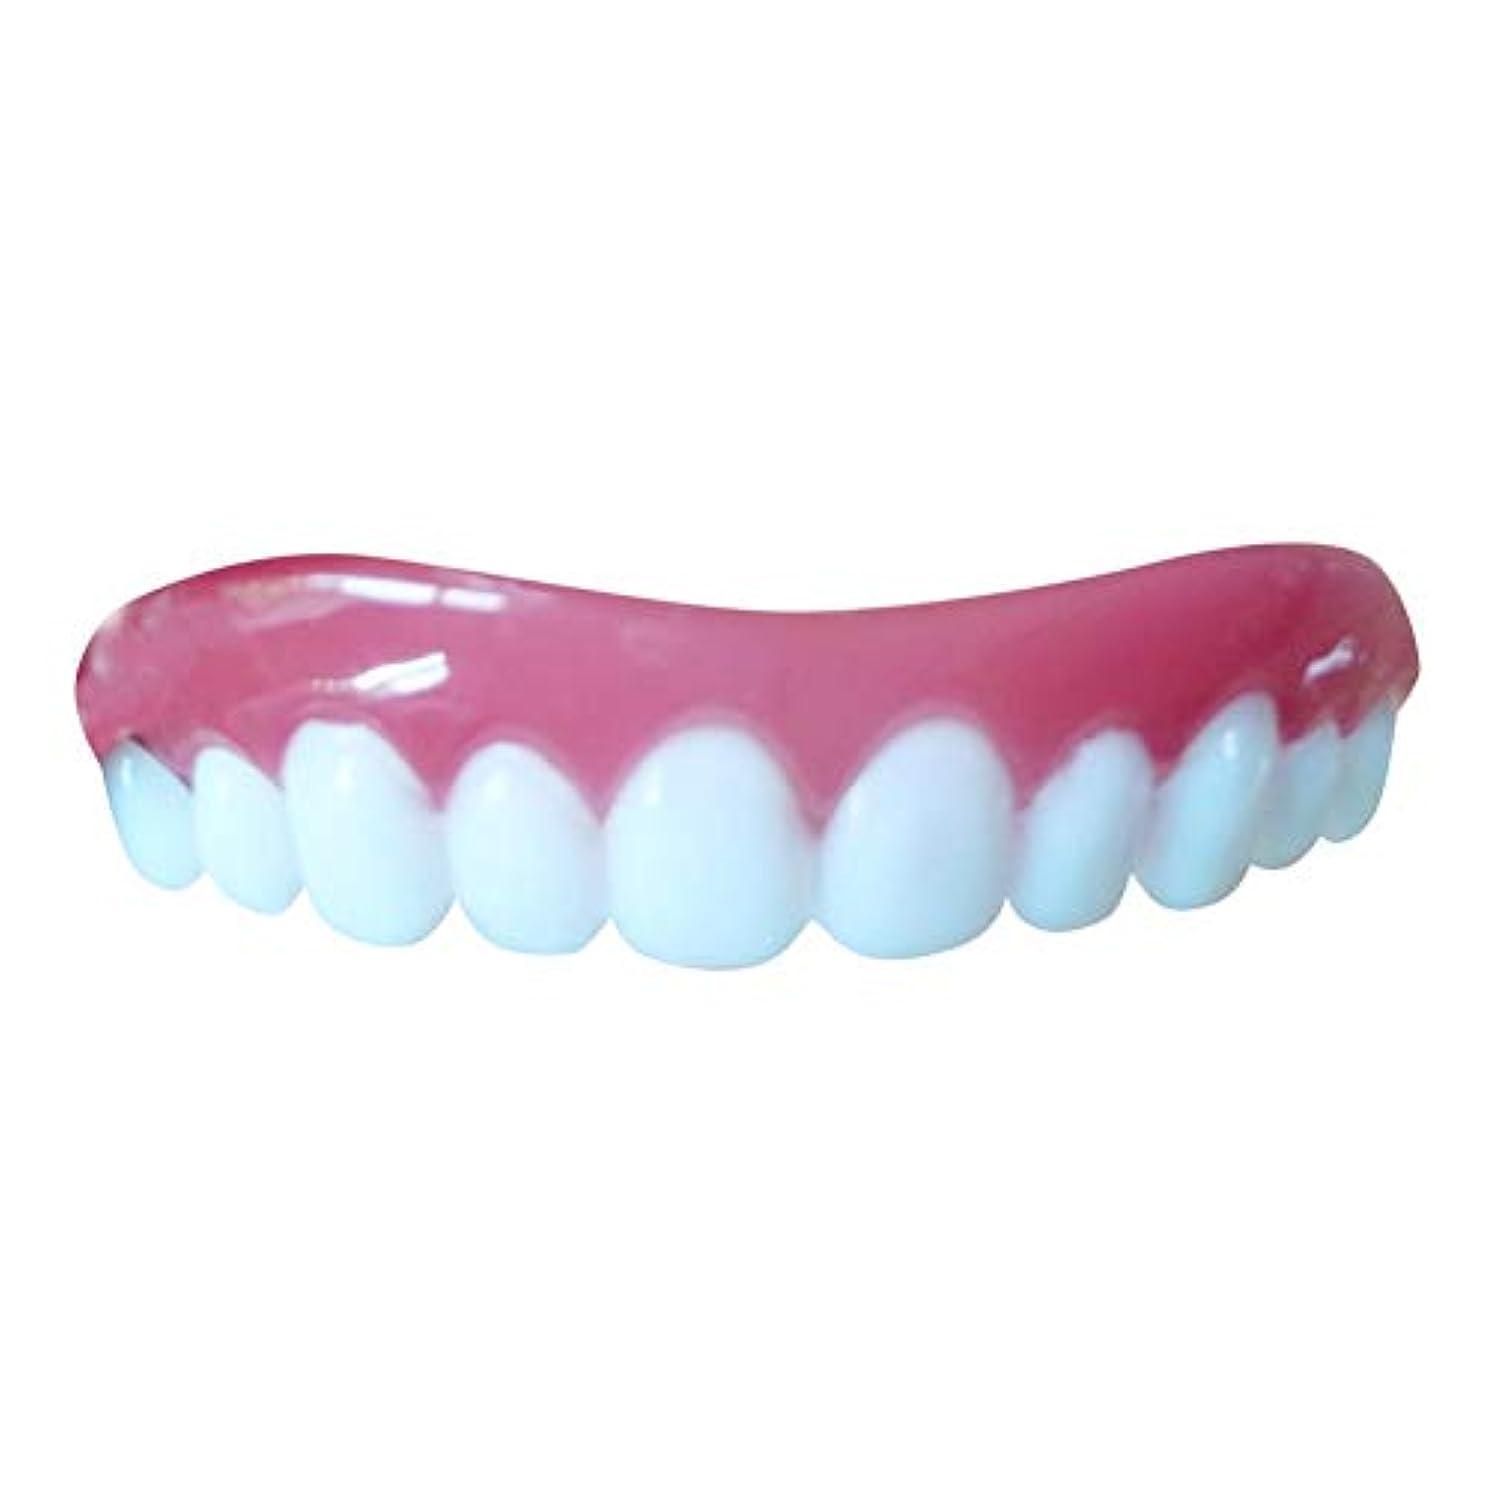 換気するシエスタ生き返らせる歯の白くなる歯、自由に分解すること、快適な屈曲の完全なベニヤの10組の歯科化粧品の義歯